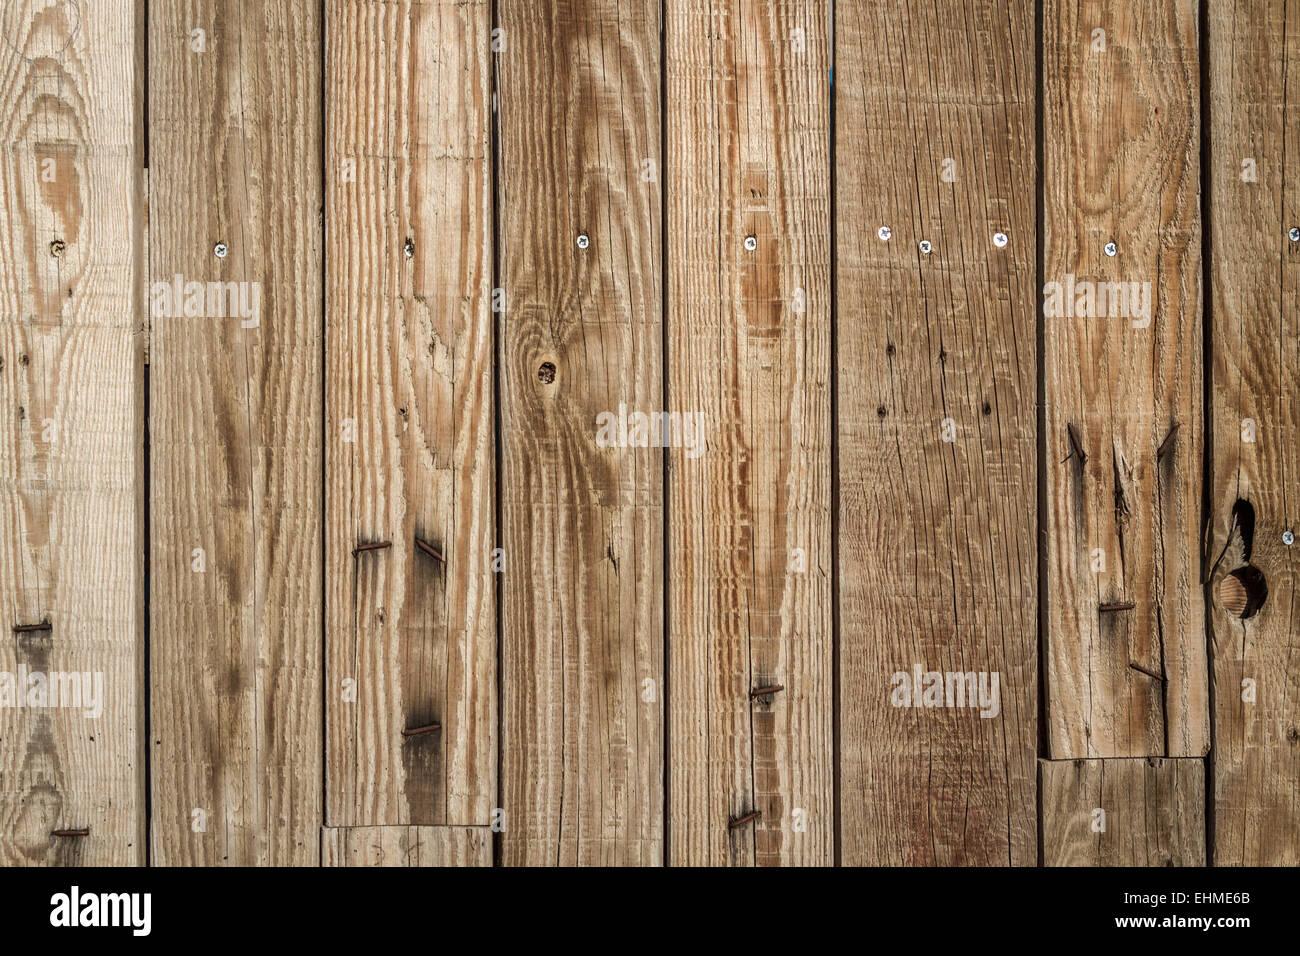 barn wood backgrounds